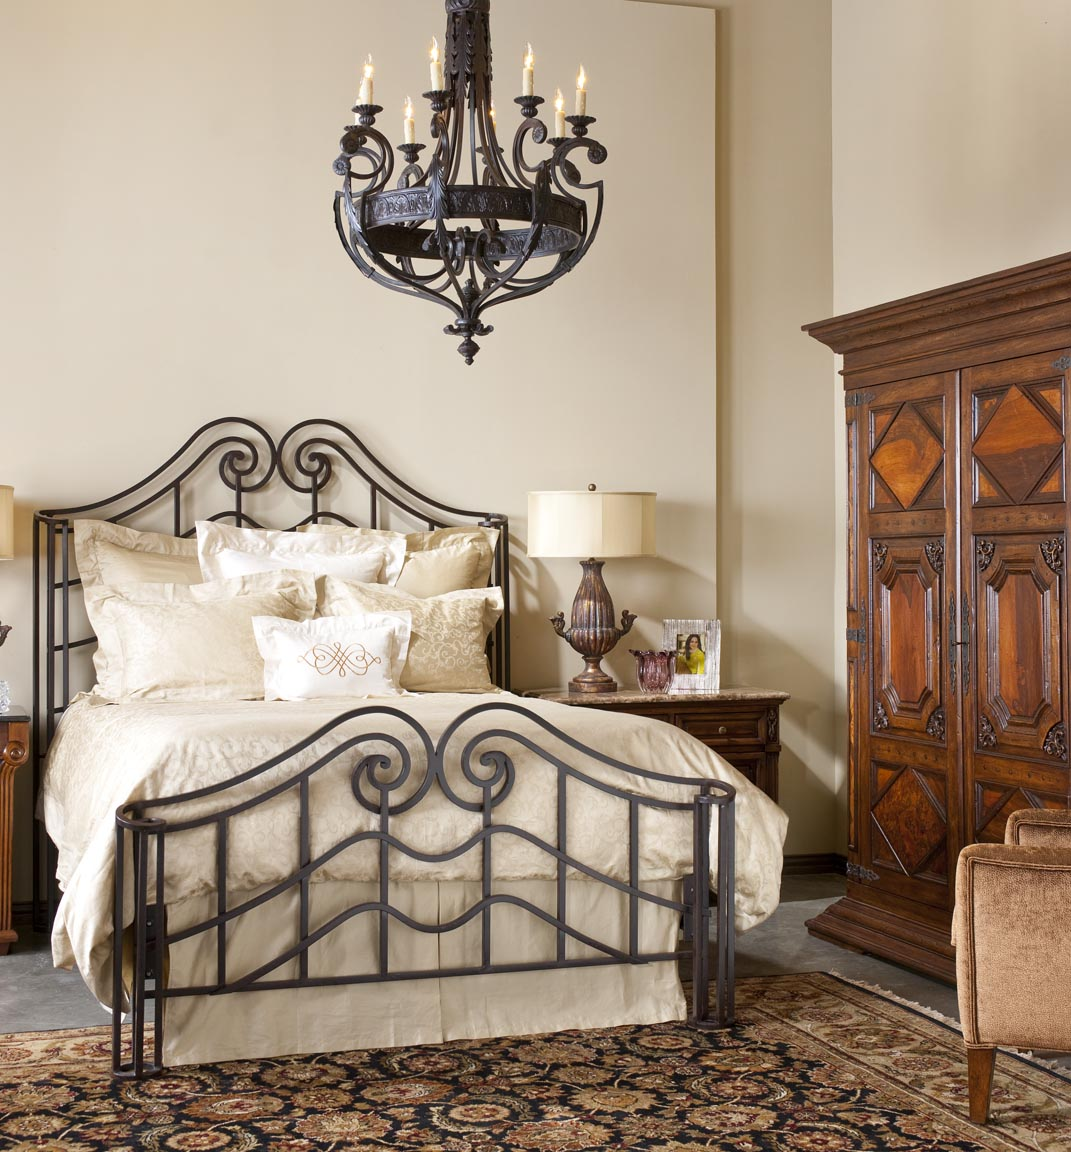 Кованая кровать в английском стиле